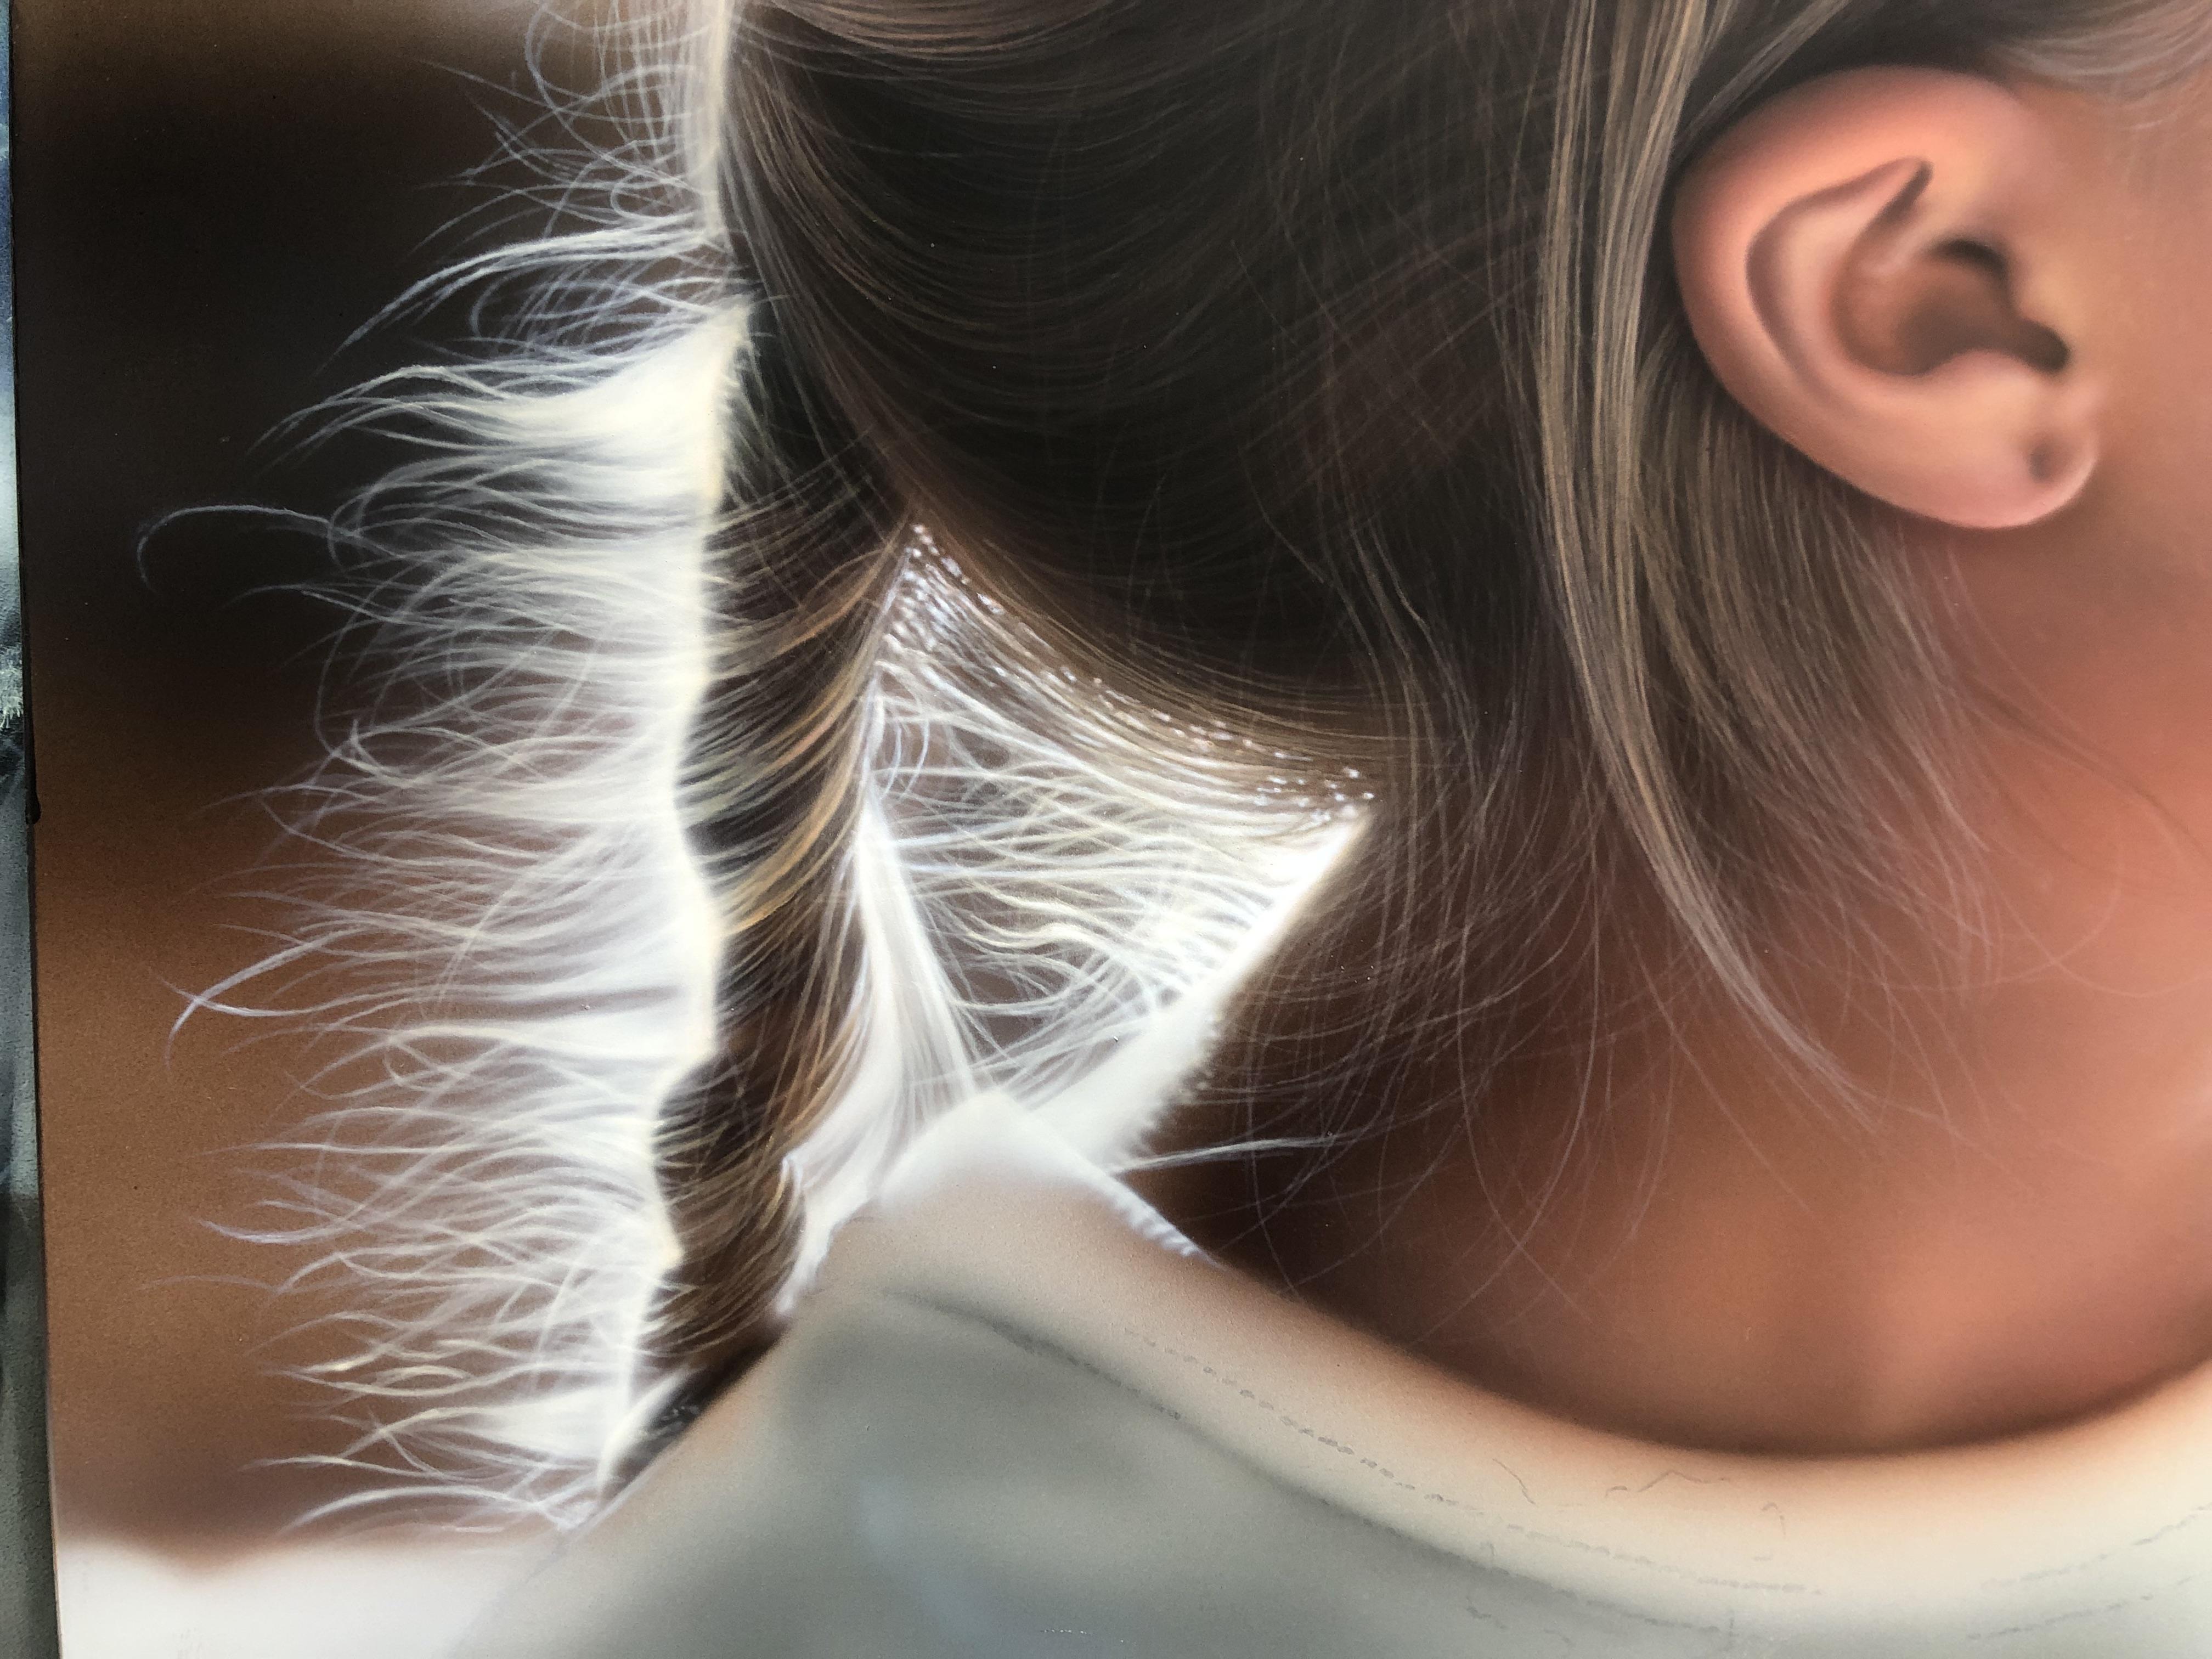 エアブラシアート人物画編髪の毛の描き方